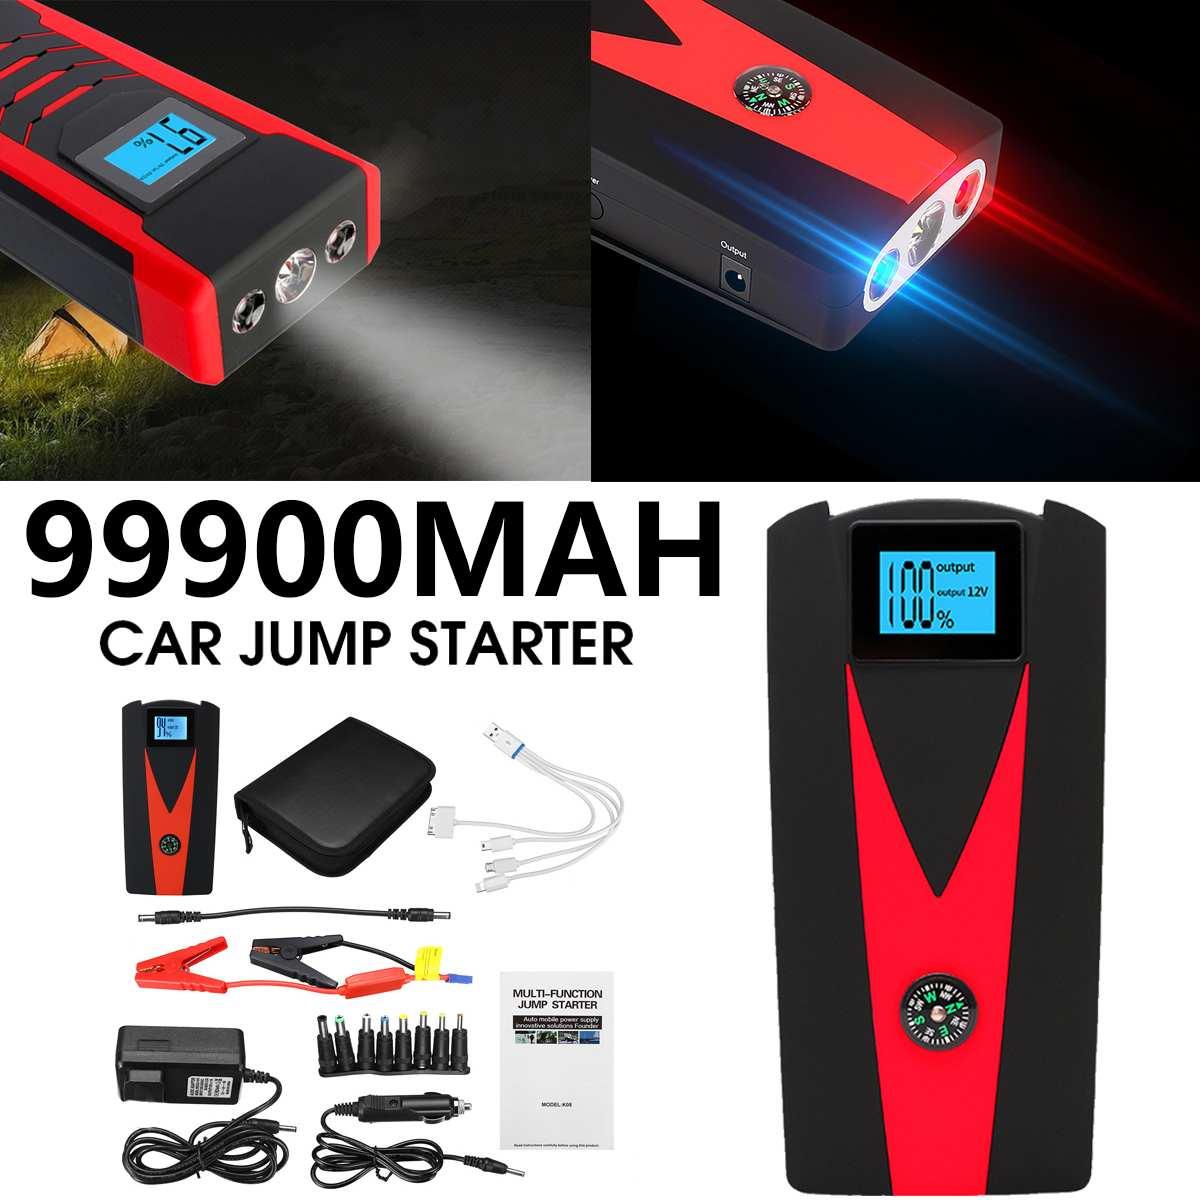 12V 99900mAh LED Portable démarrage de voiture démarrage de puissance Booster de banque 2 USB chargeur batterie de démarrage dispositif de secours puissances Kit